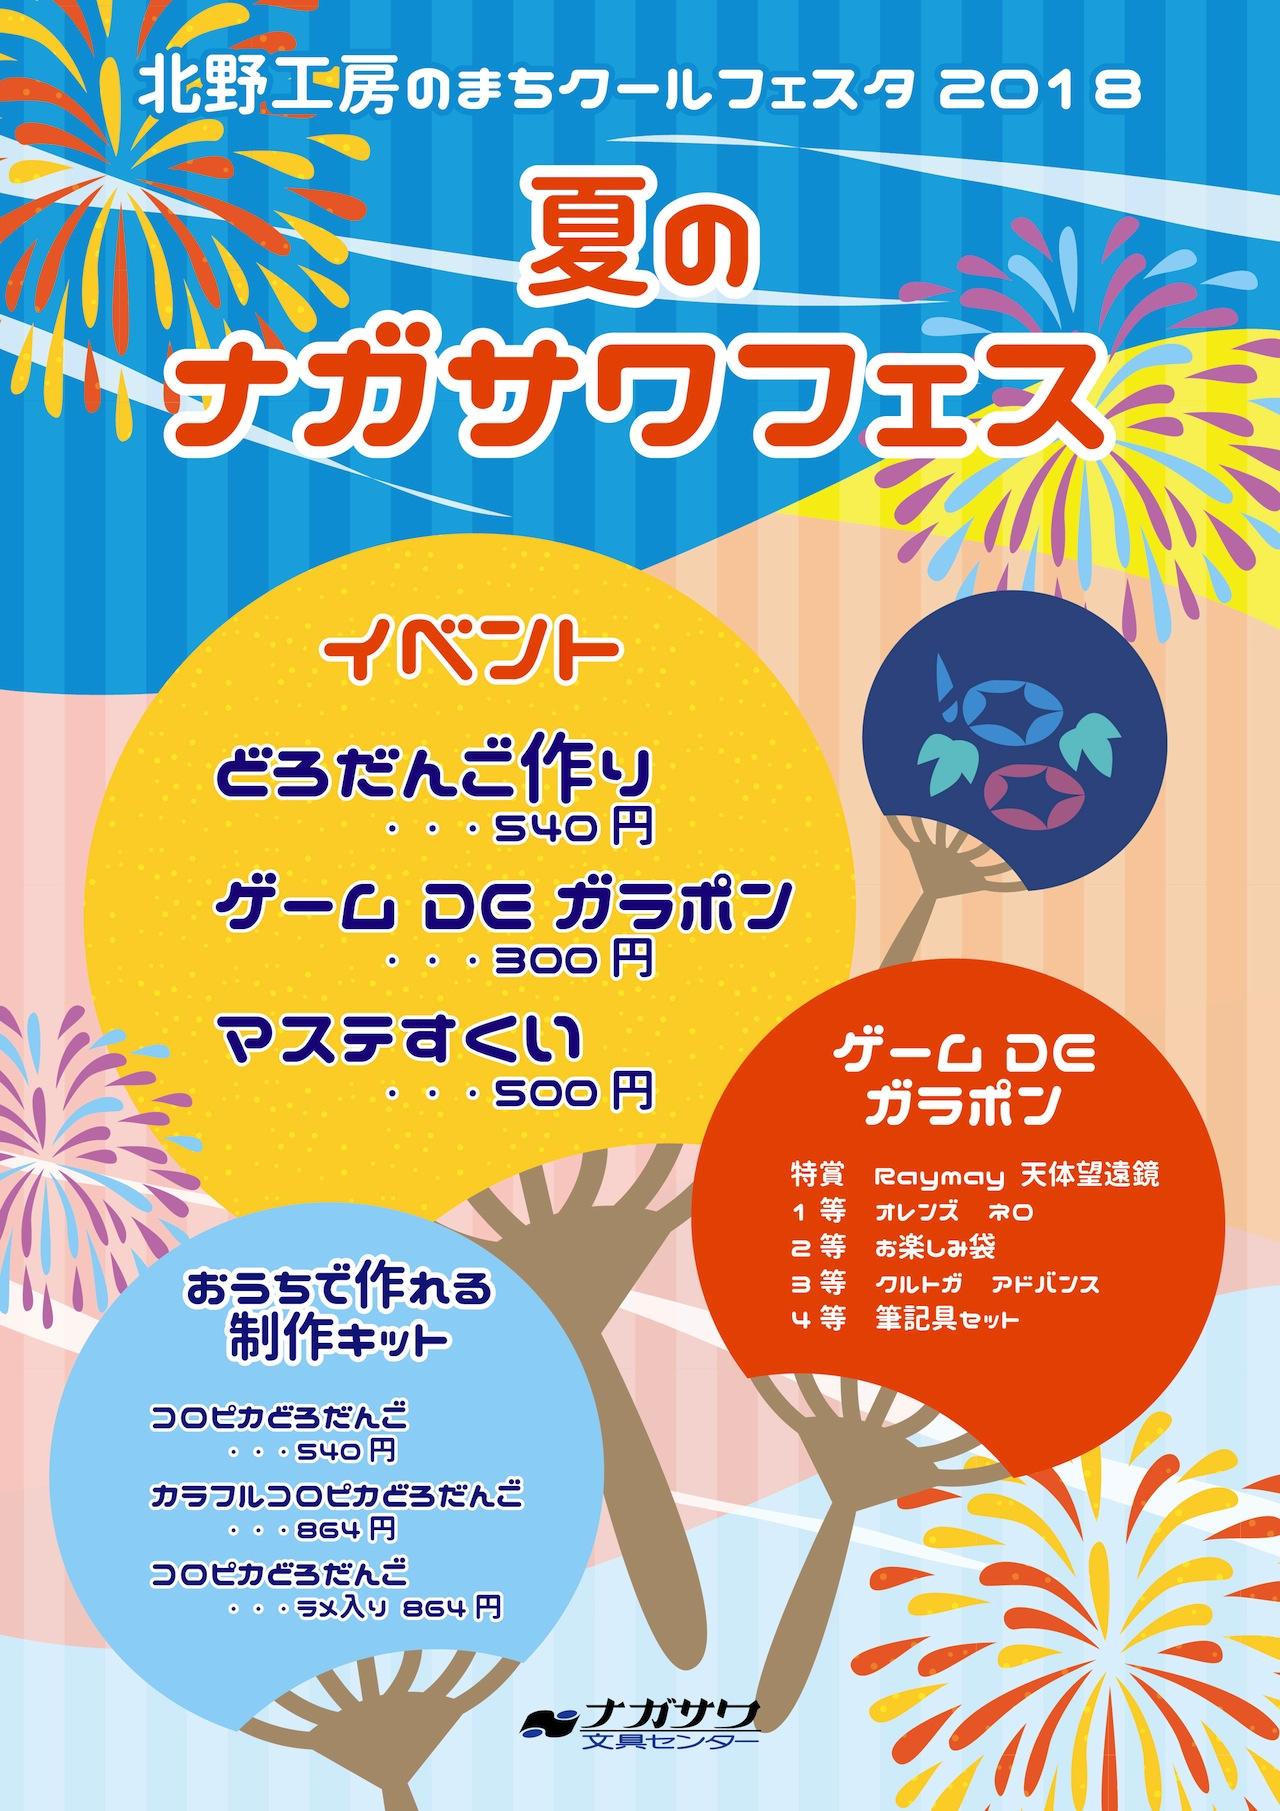 【夏祭り】夏といえばお祭り!ガラポン抽選やゲームなど楽しいイベント満載です!